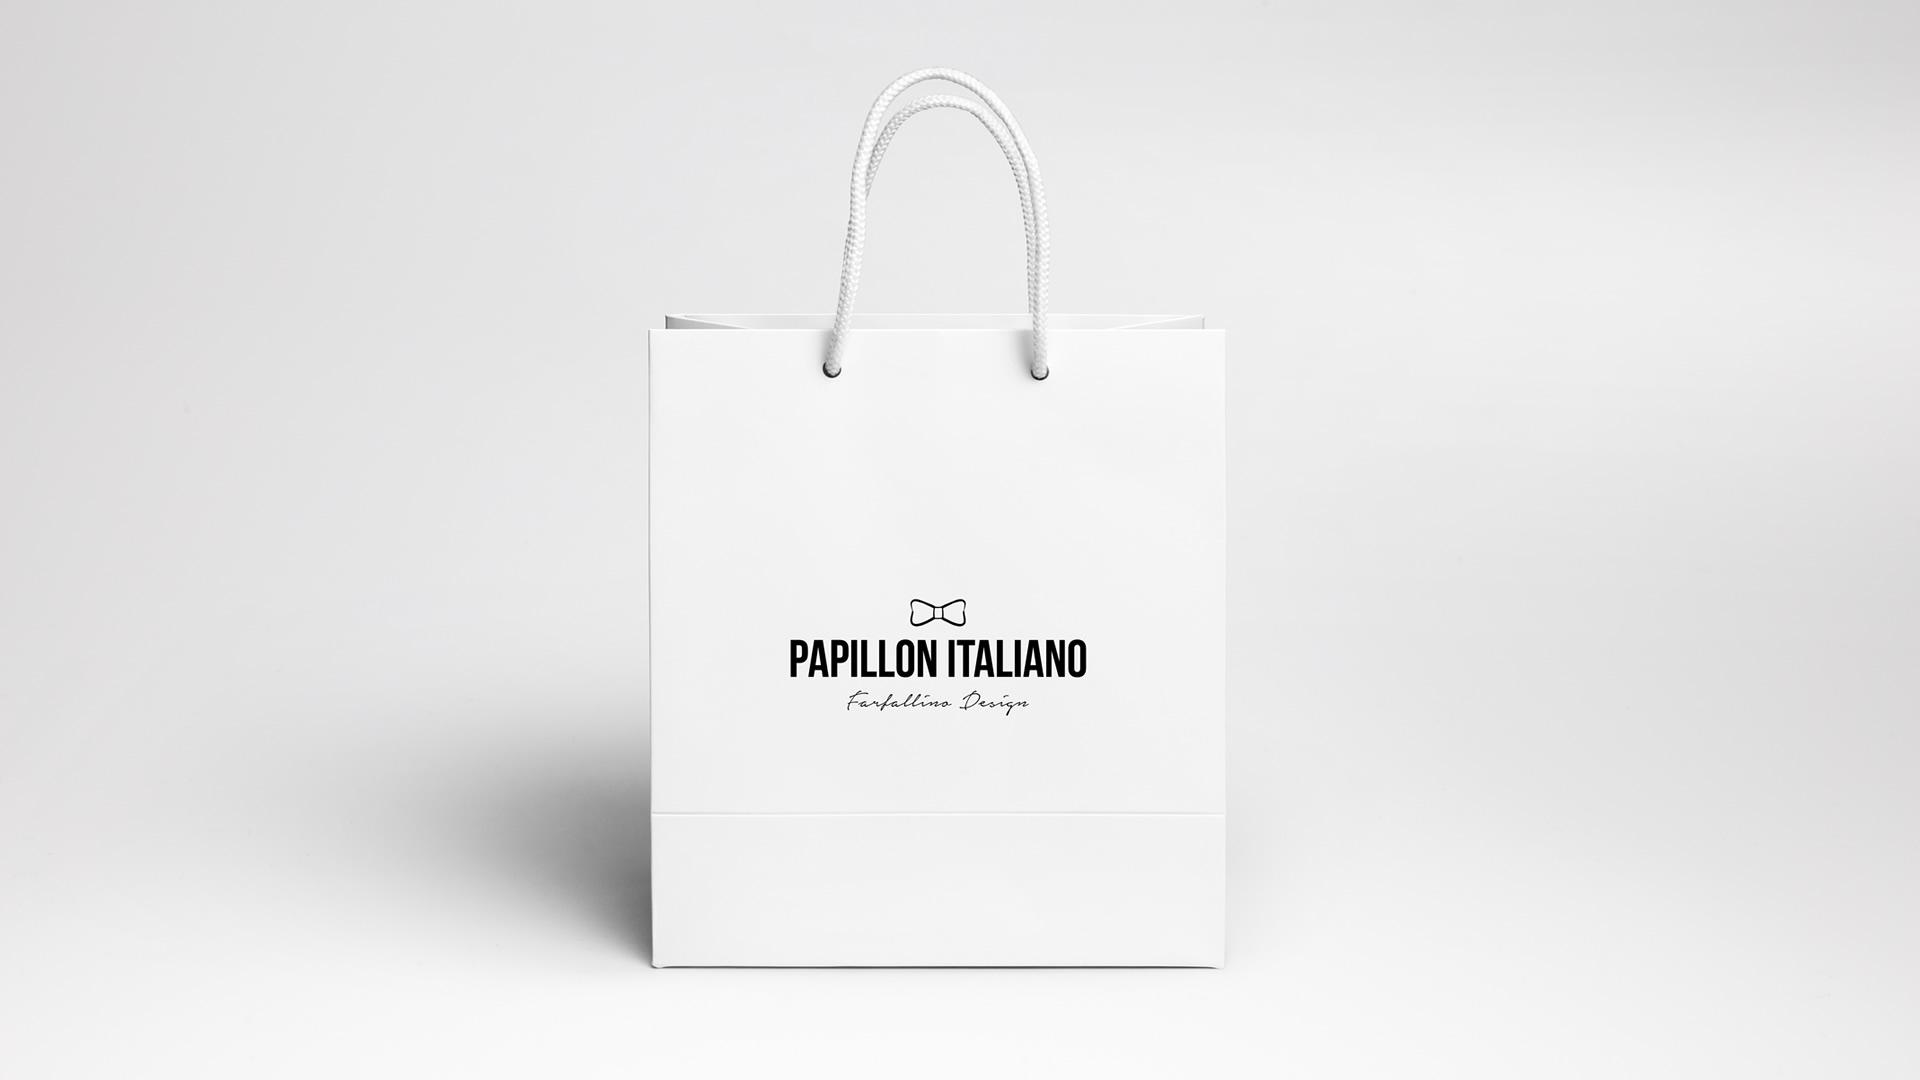 Papillon Italiano Realizzazione logo Brand Identity - web graphic designer - brand - web eCommerce - Patrizio Rossi